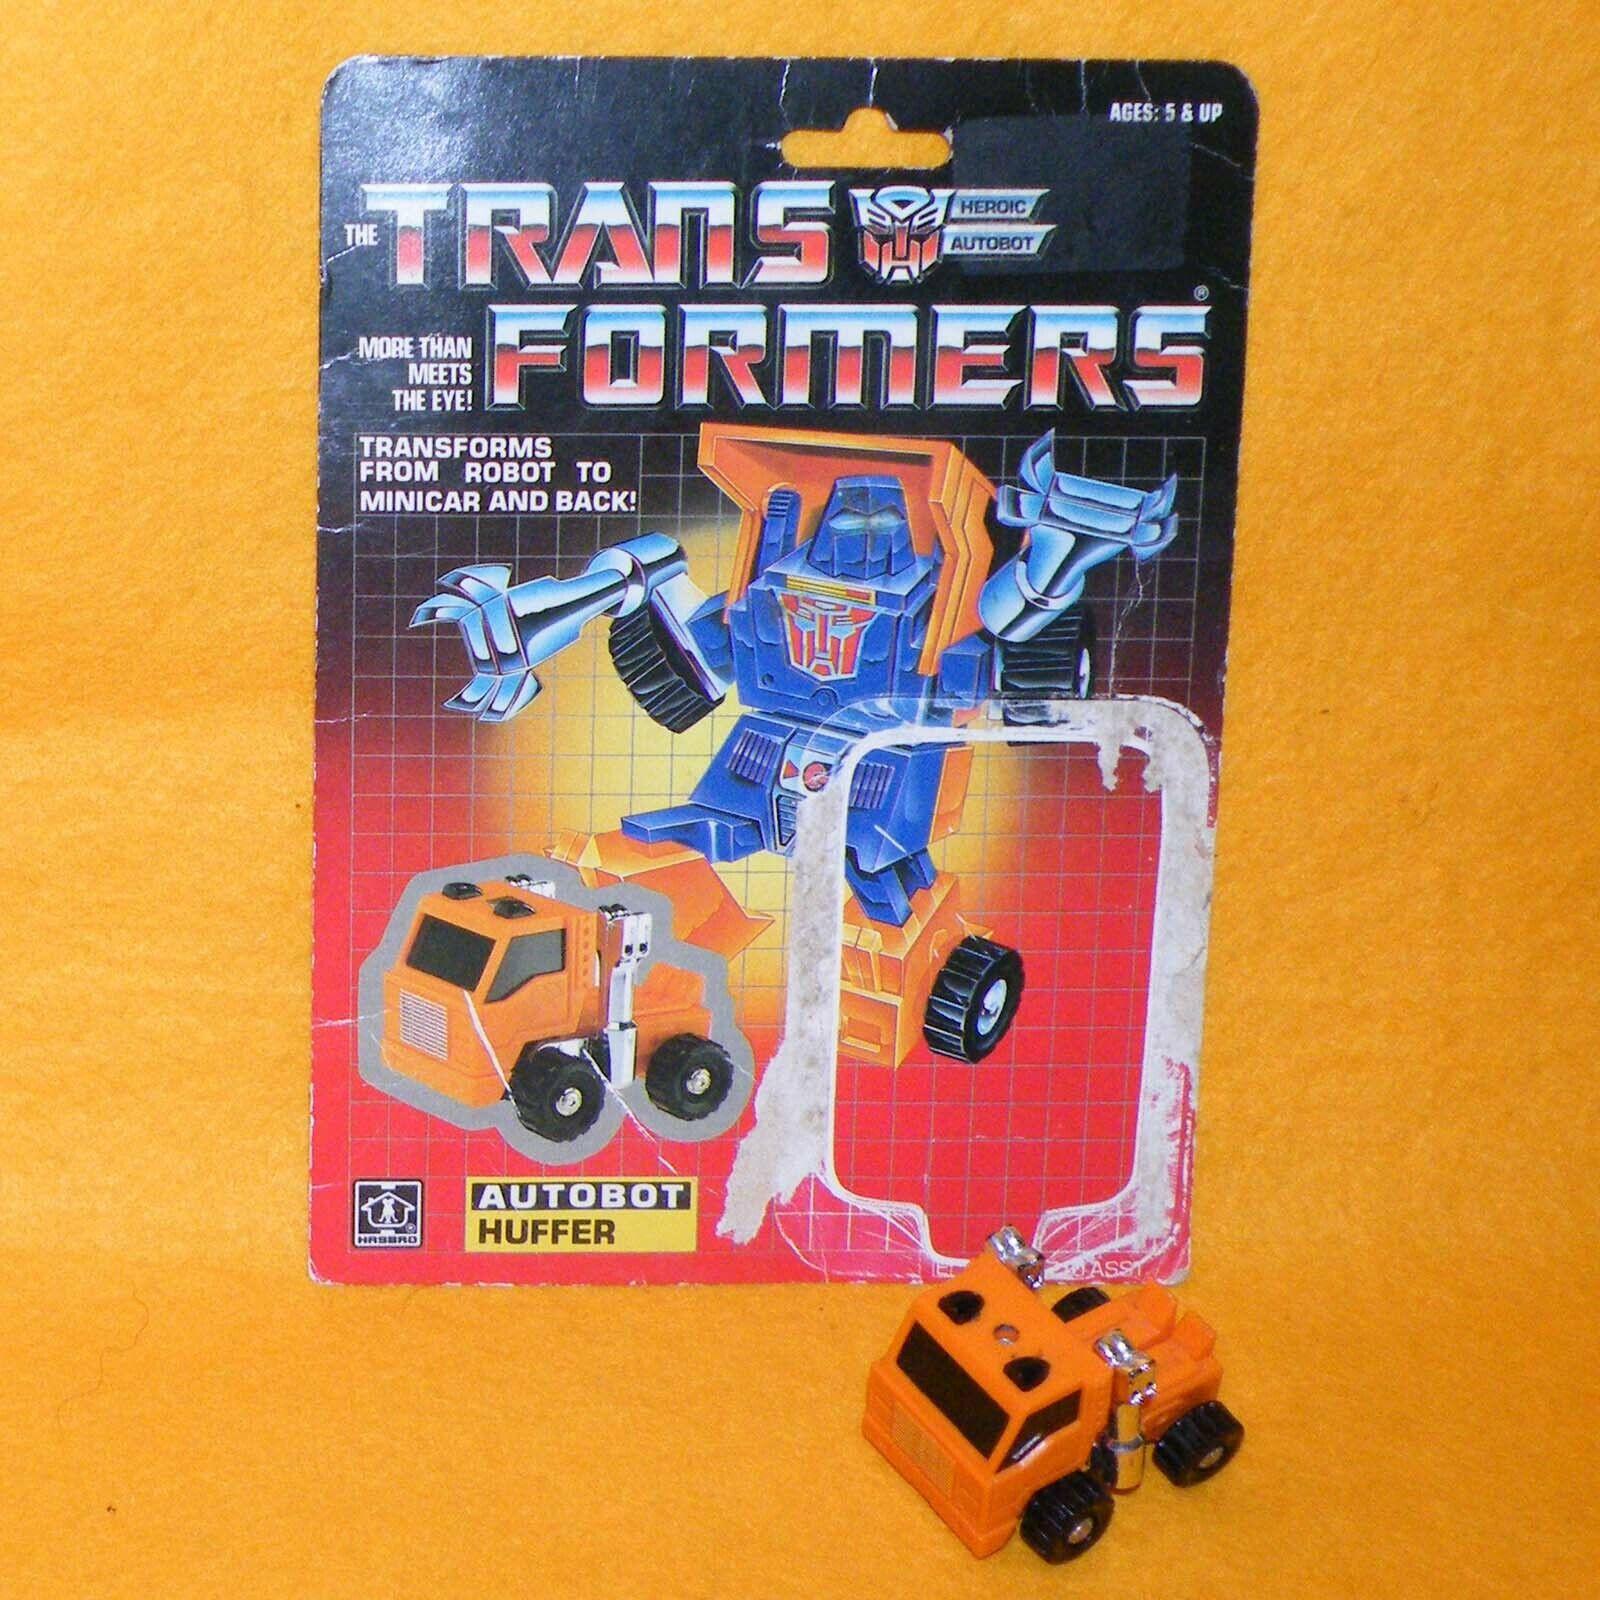 mejor calidad mejor precio Vintage 1984 HASBRO Transformers Transformers Transformers G1 Autobot Cubex MiniCoche figura de robot, Cochetón  autentico en linea